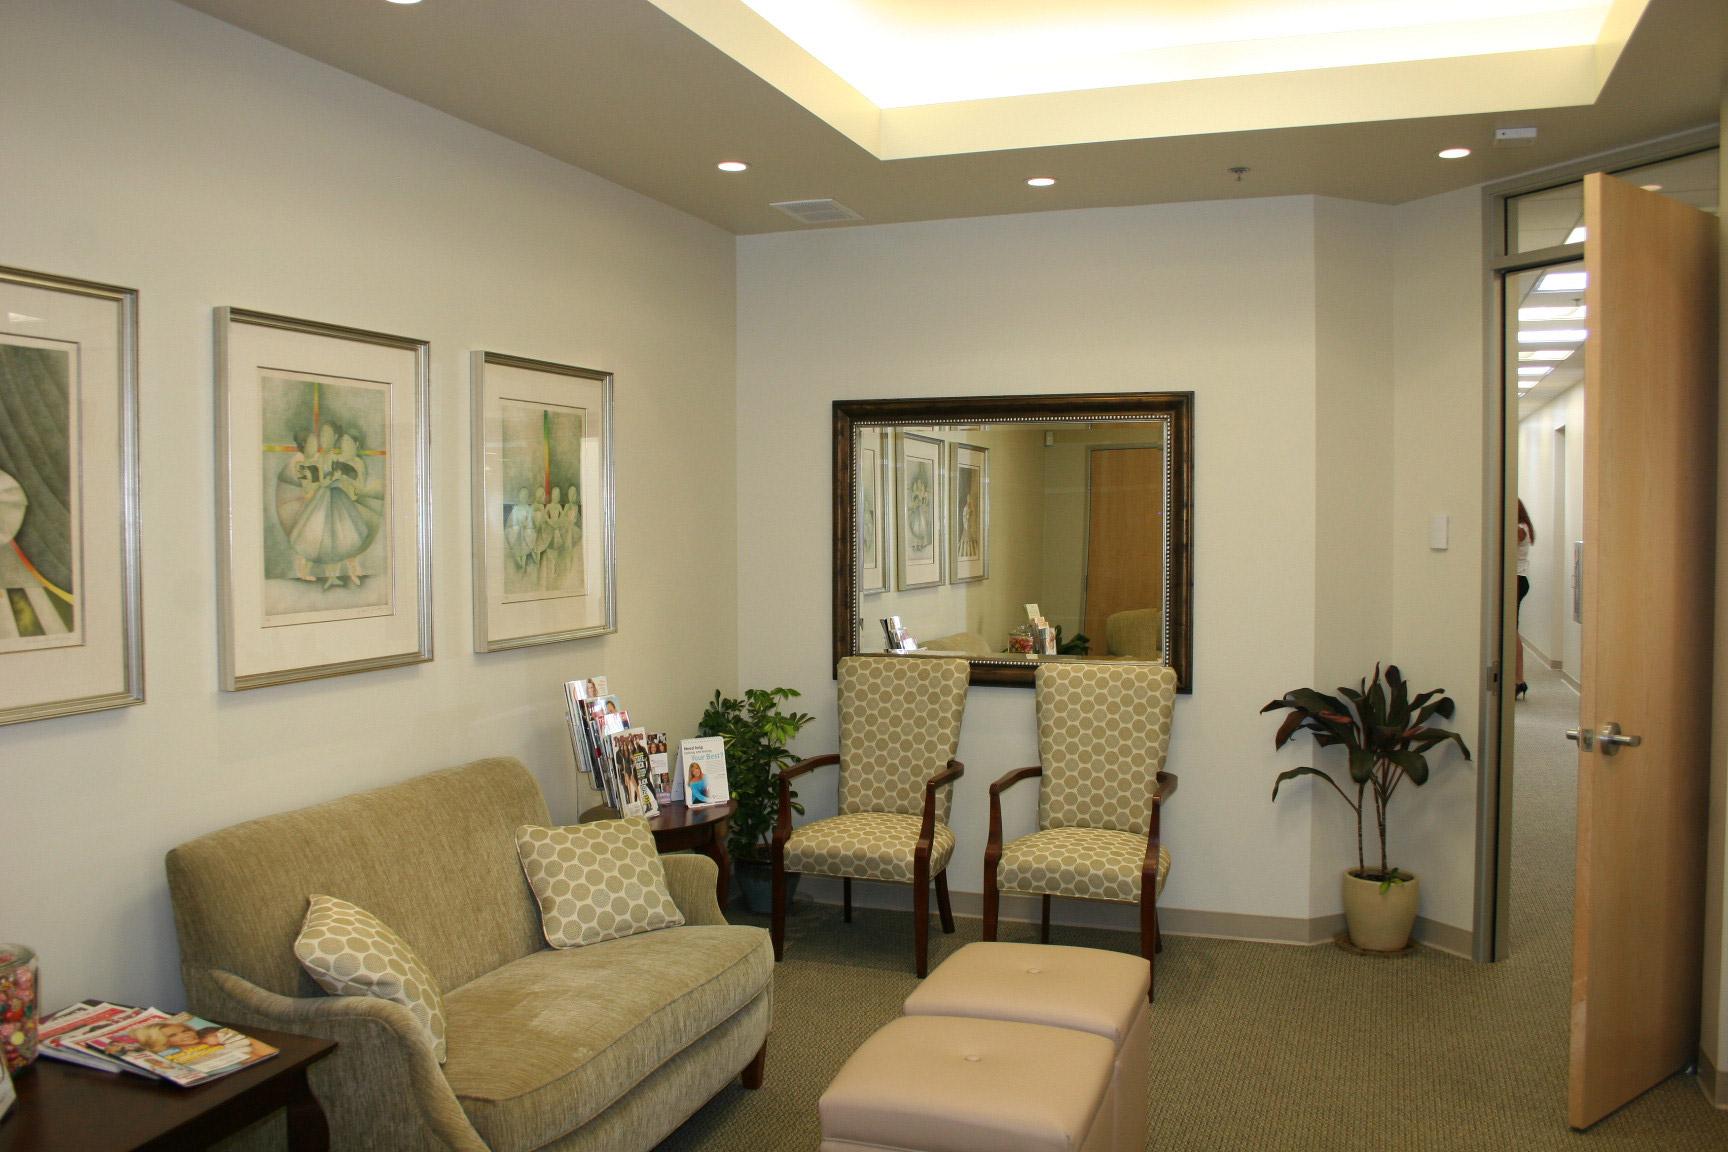 Palo Alto, CA Office Waiting Room